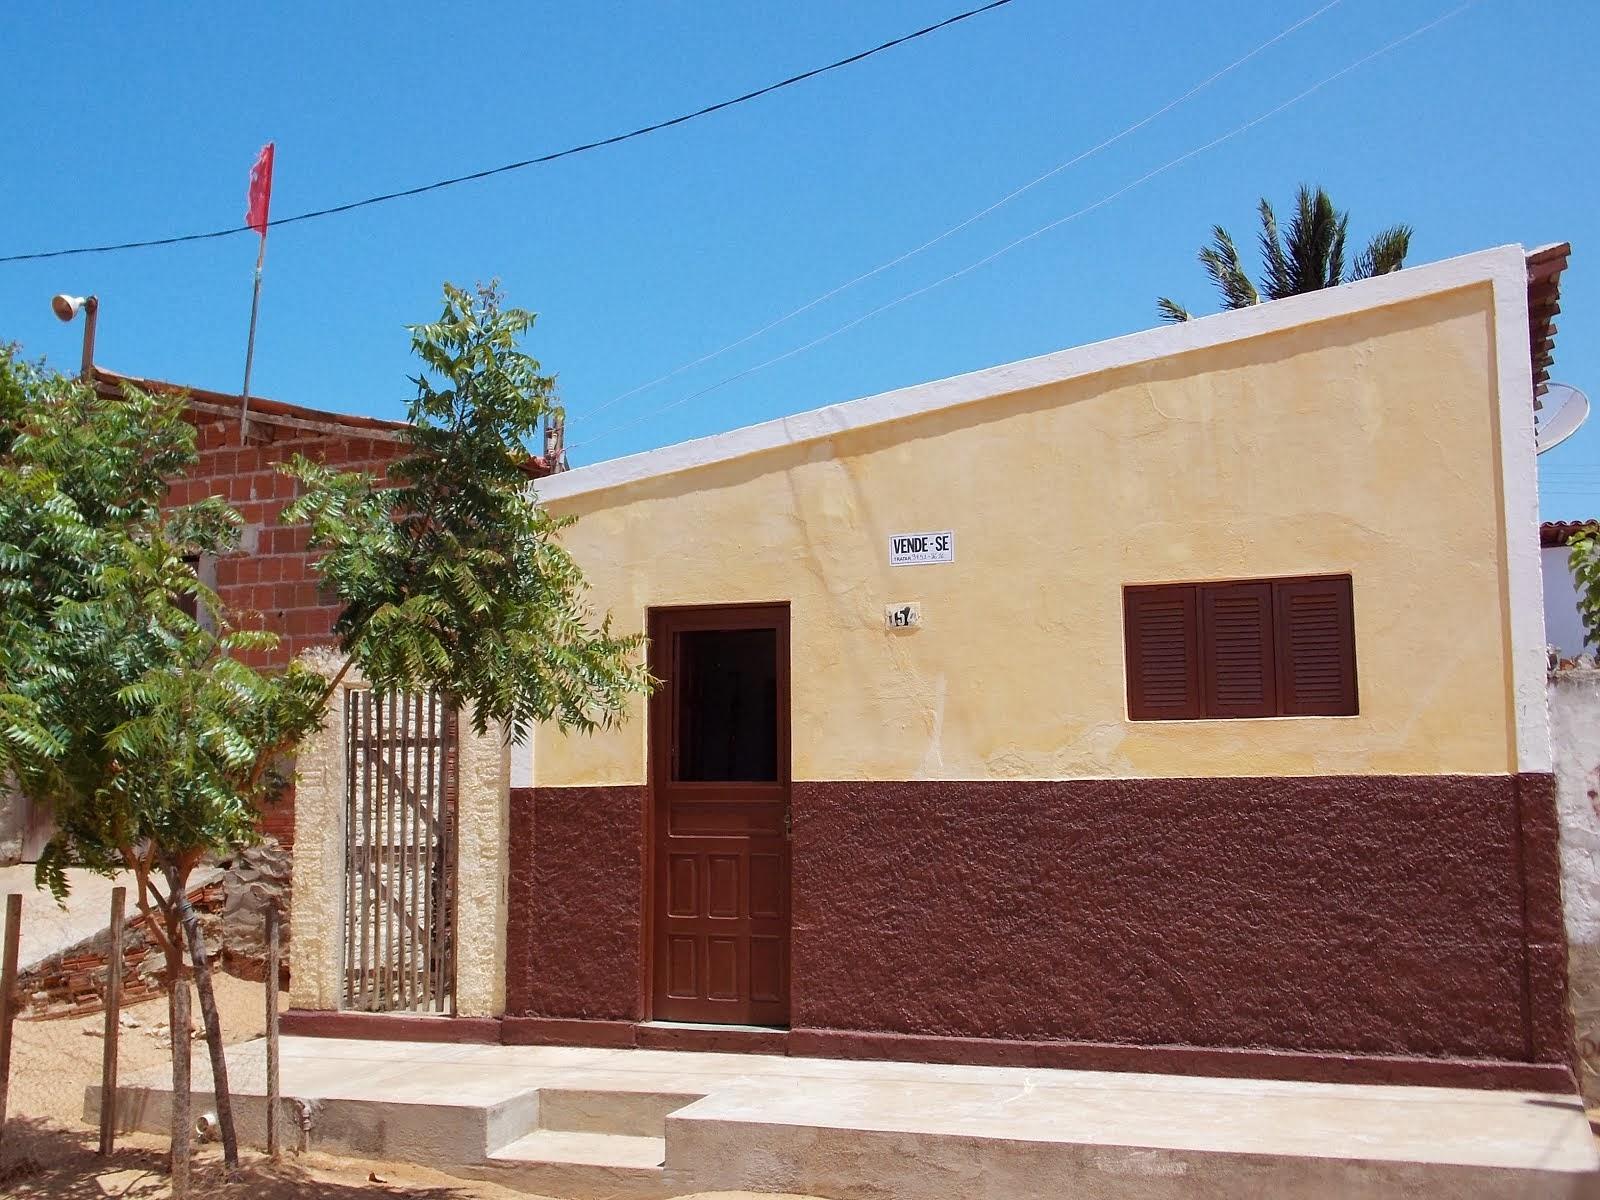 Vendo ou Troca Casa em Caiçara do Norte/RN, (84)9119-9884 ou 9143-8706 – Daniel e Francisca